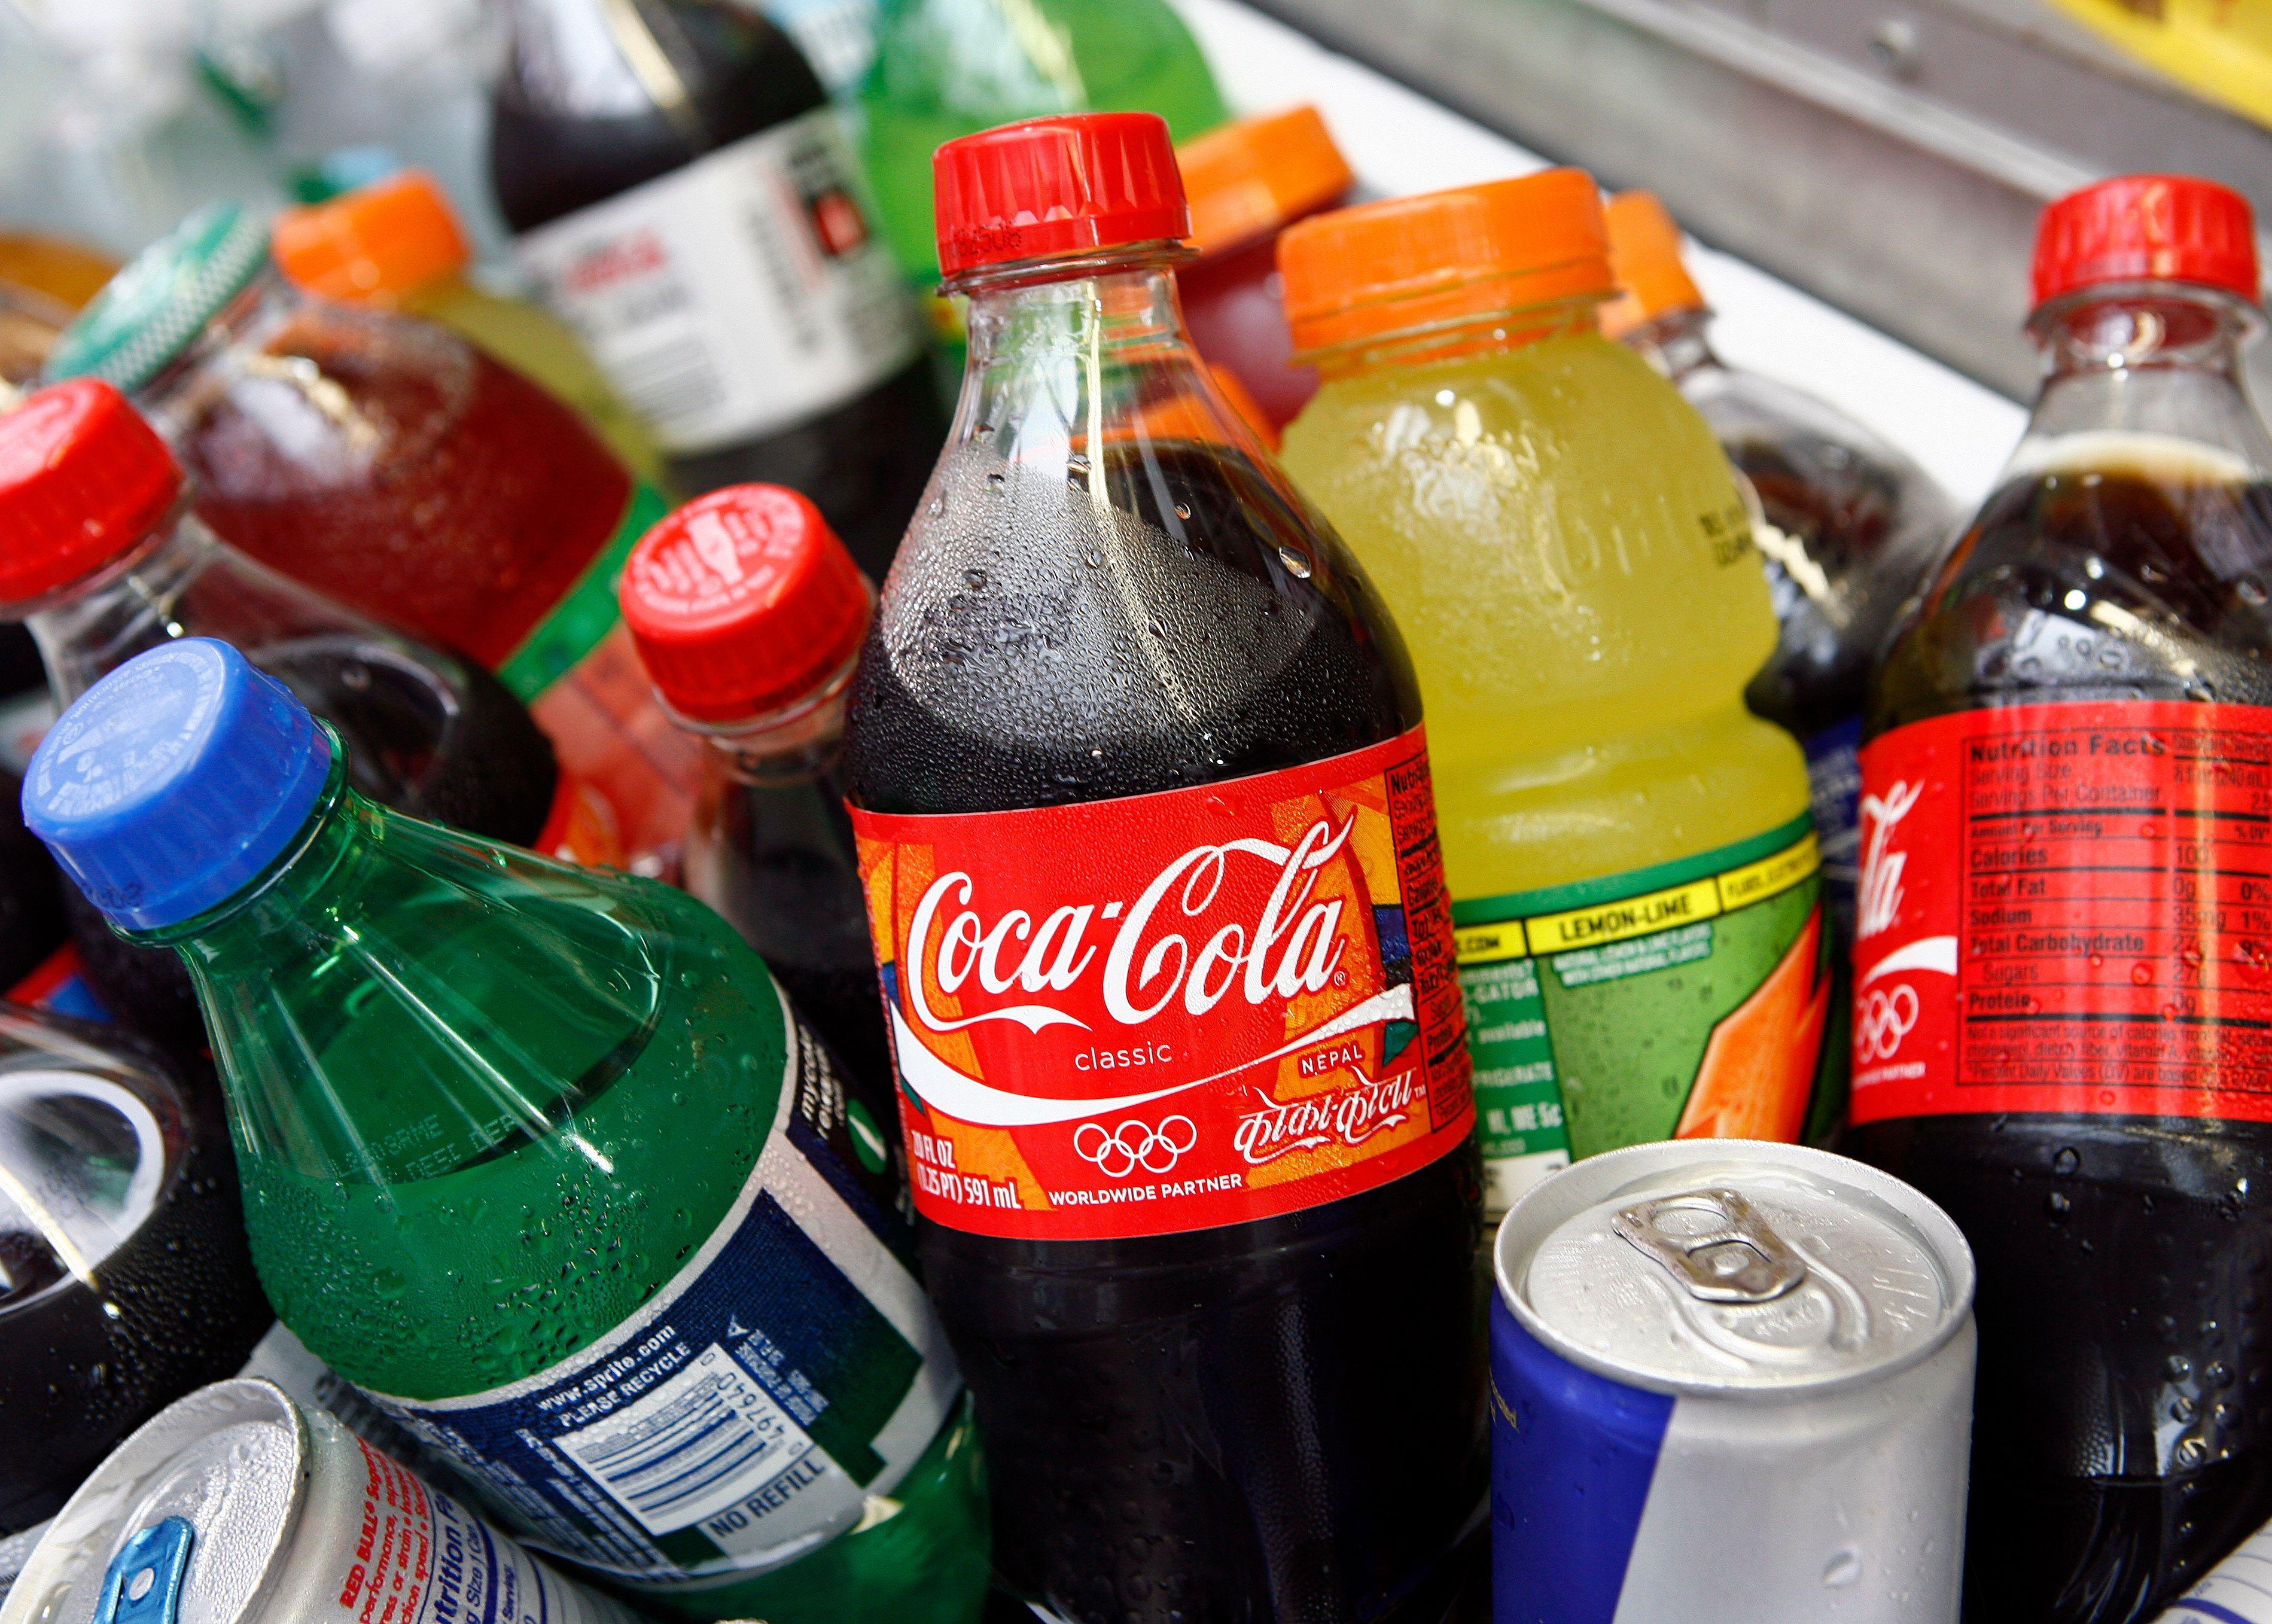 Une étude américaine affirme que 180 000 décès dans le monde chaque année pourraient être liés à la surconsommation de sodas.